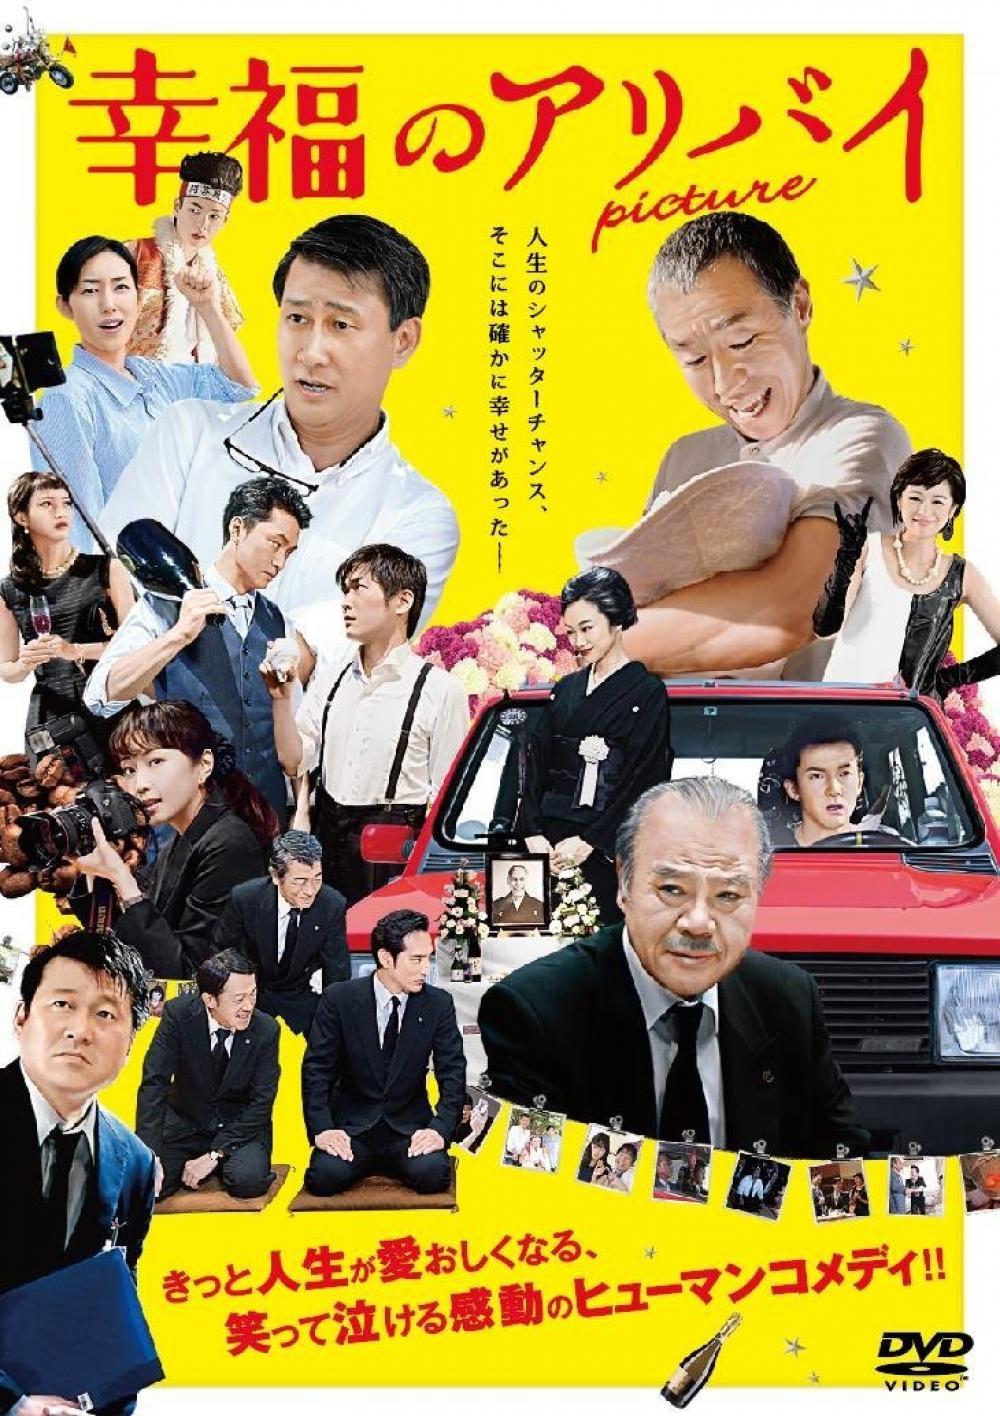 映画『幸福のアリバイ~Picture~』あらすじ・キャスト【陣内孝則監督作品】